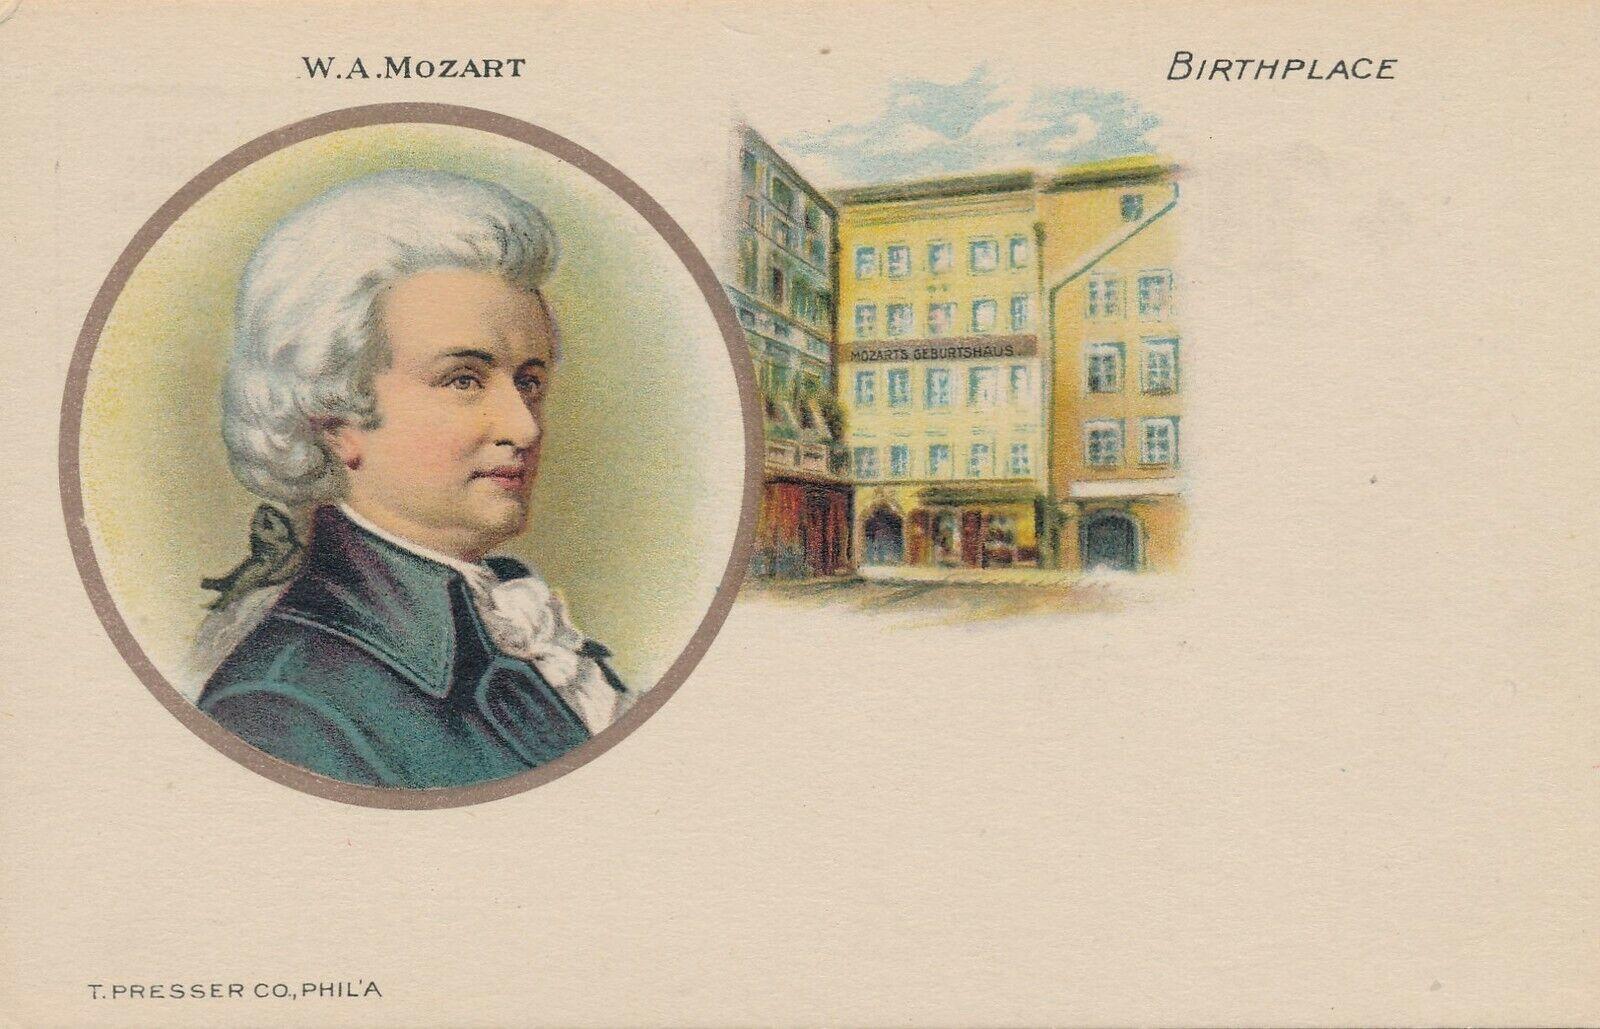 Wolfgang Amadeus Mozart Y Su Lugar De Nacimiento Udb Antes De 1908 Ebay